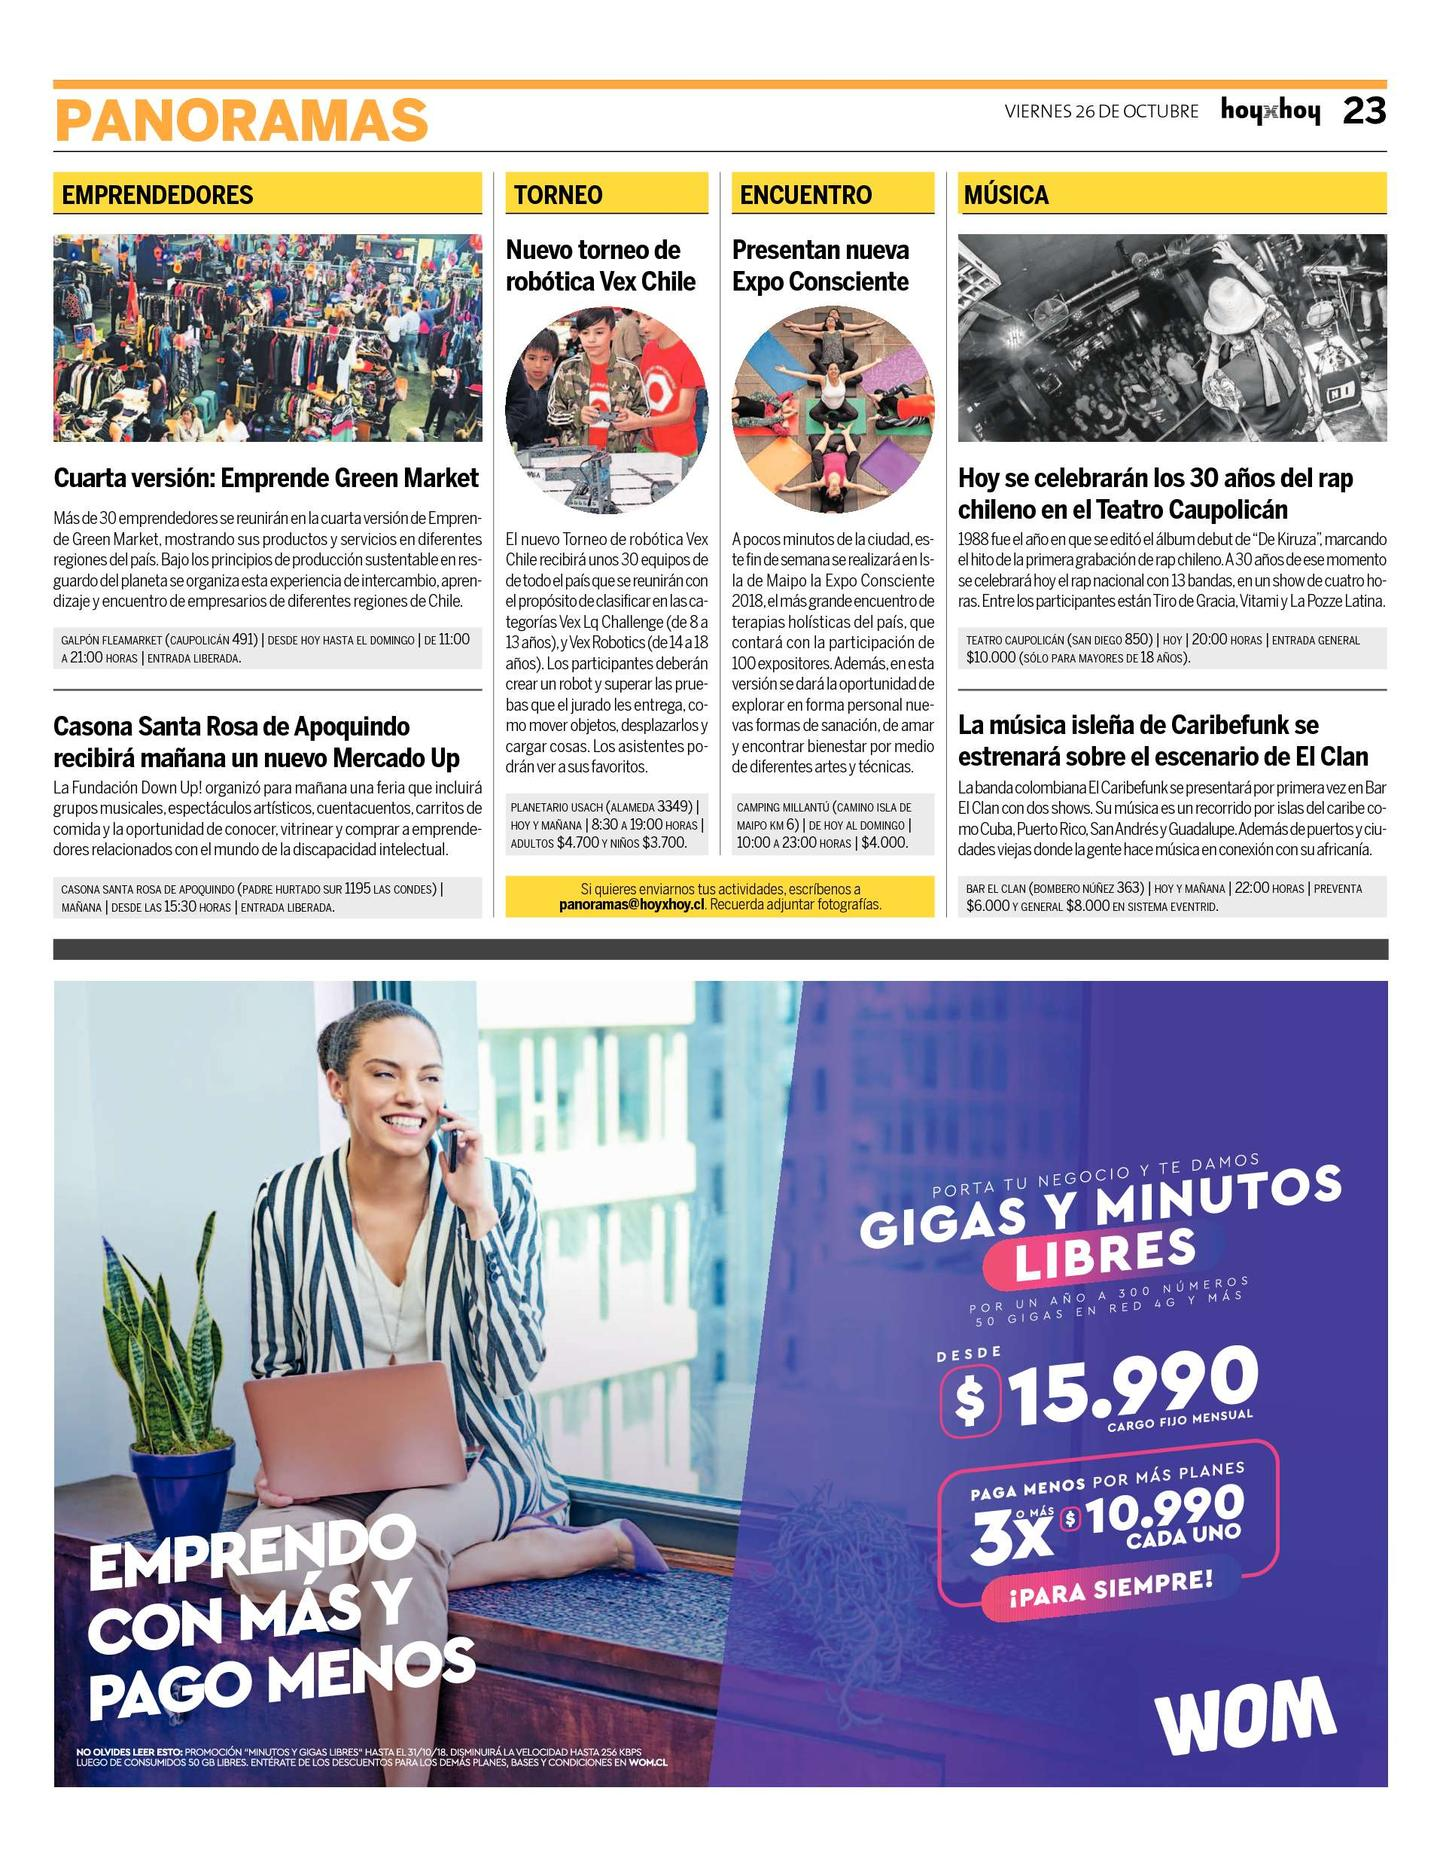 Página 23 | hoyxhoy.cl - HoyxHoy, el diario que no tiene precio ...